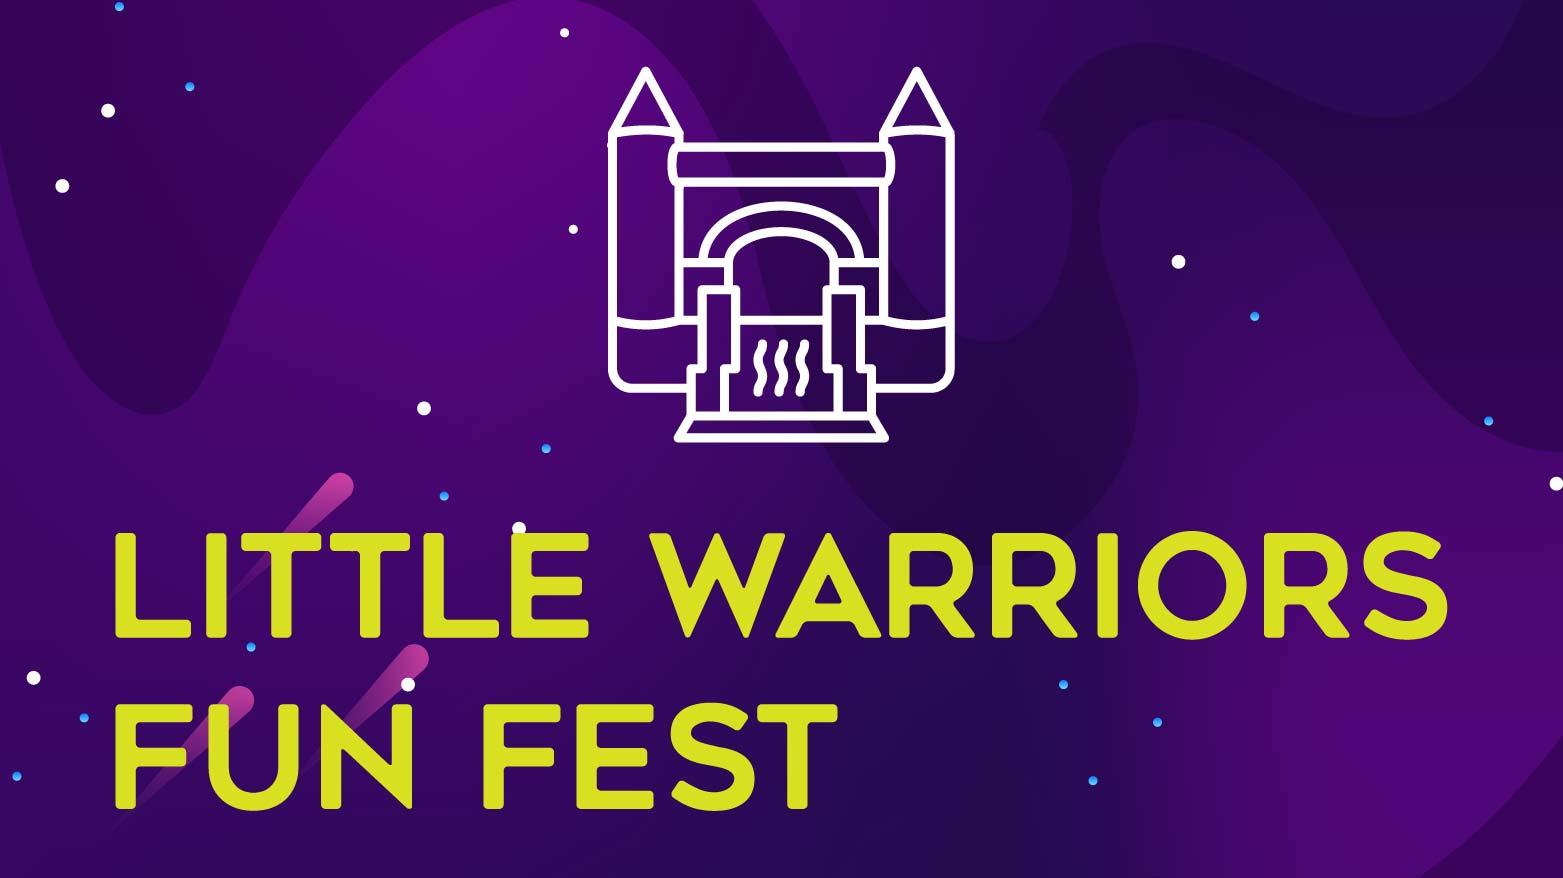 Little Warriors Fun Fest - HAAF